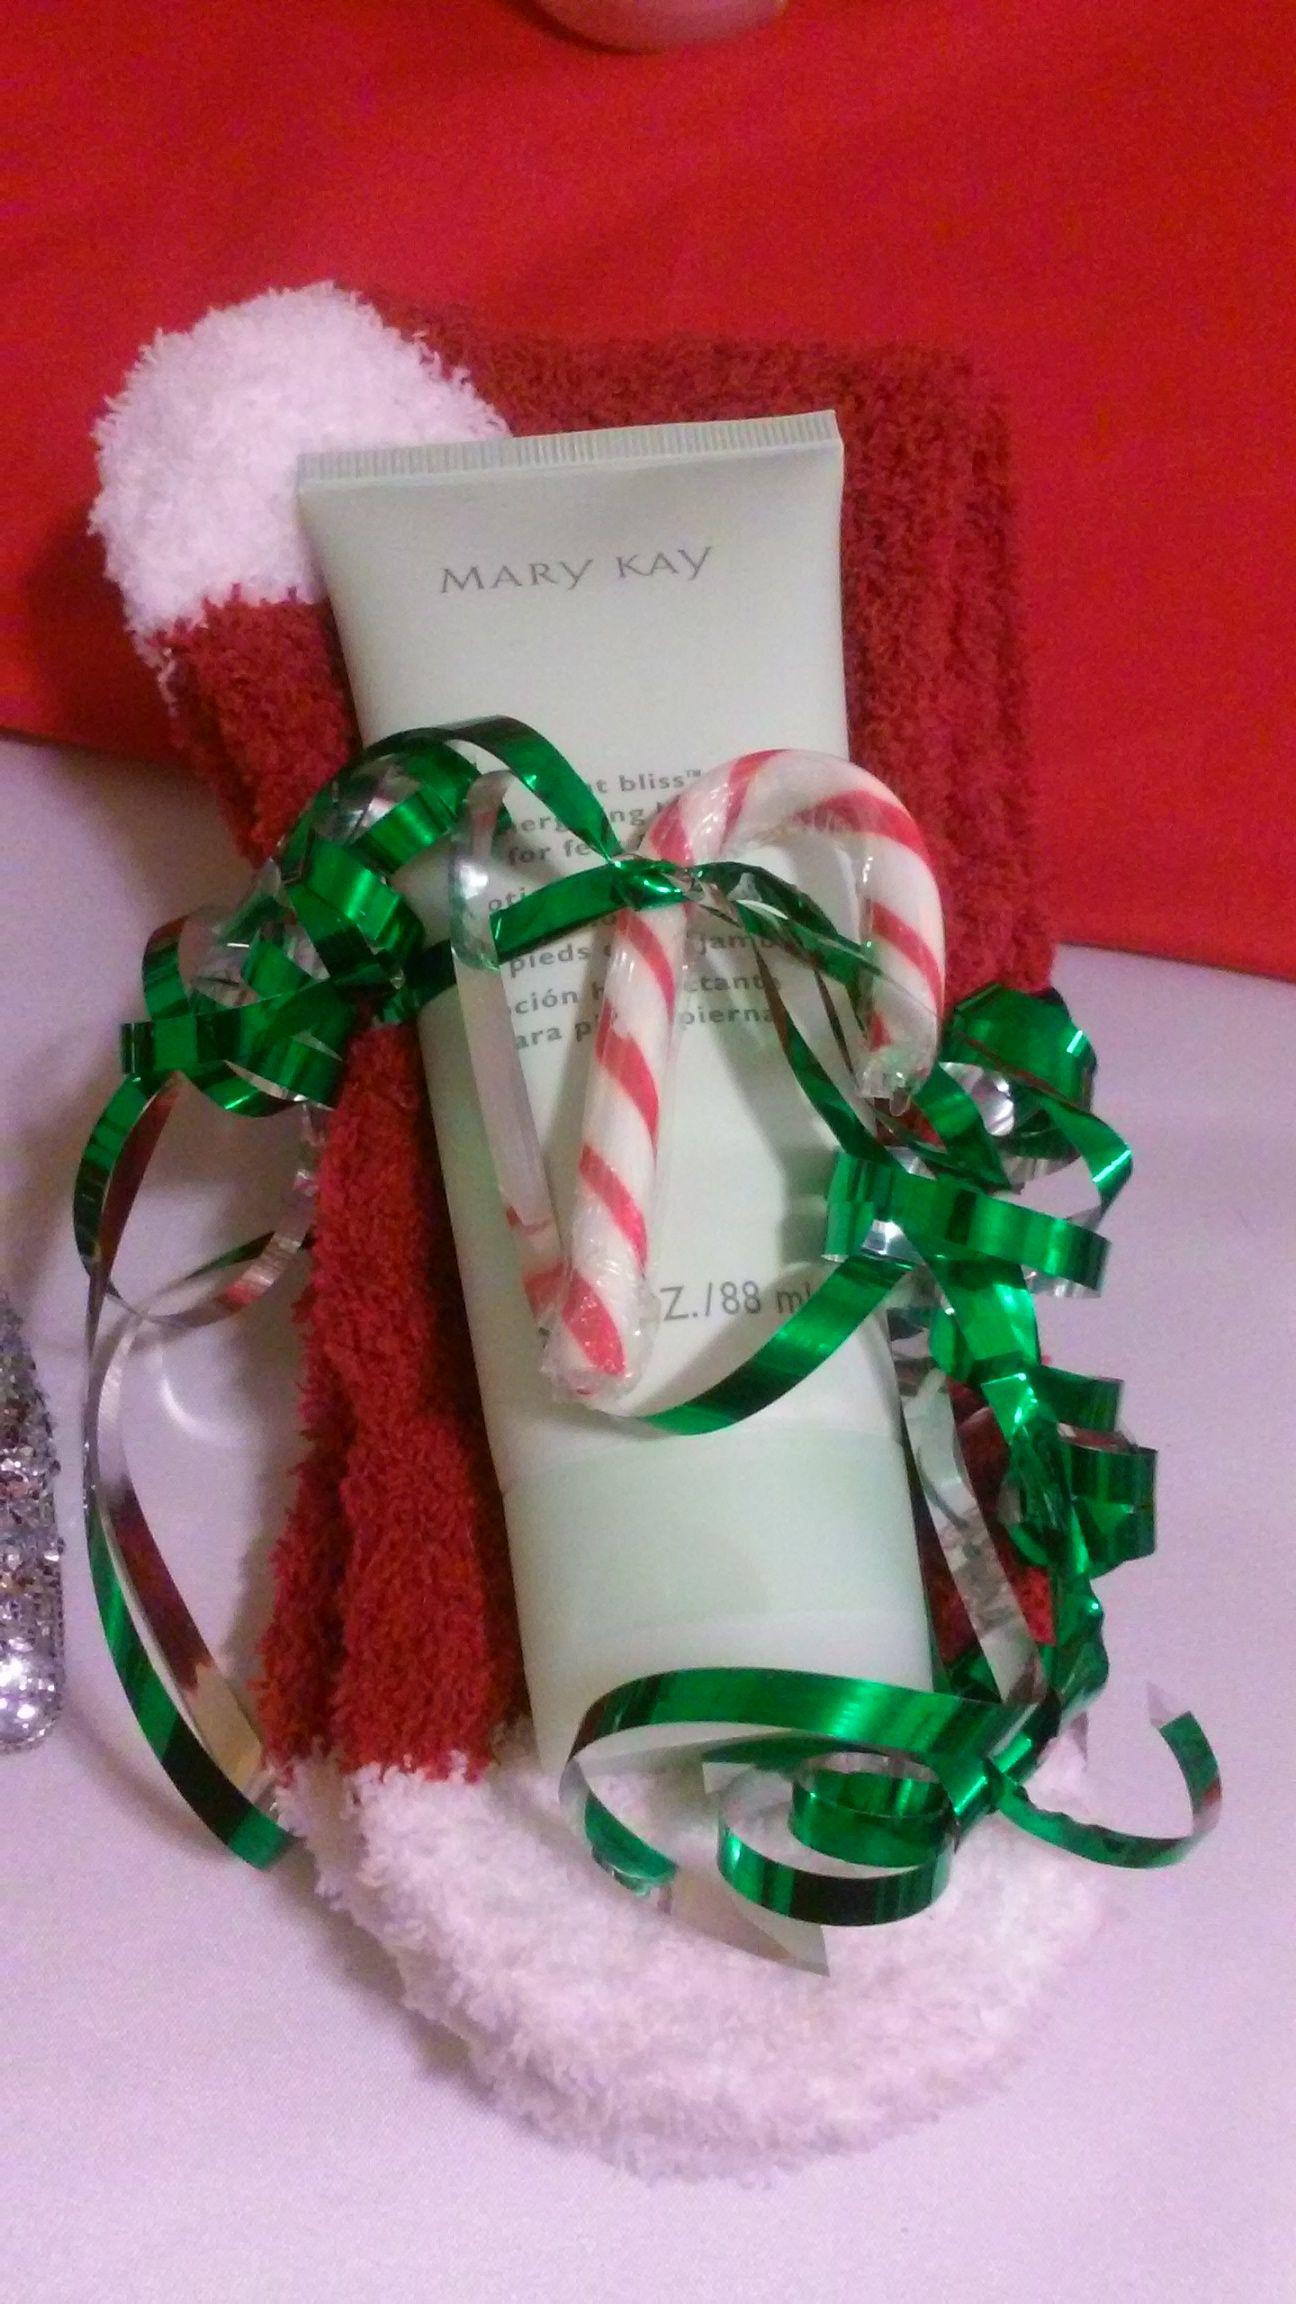 Mary Kay Mint Bliss With Aloe Socks In 2019 Mary Kay Mary